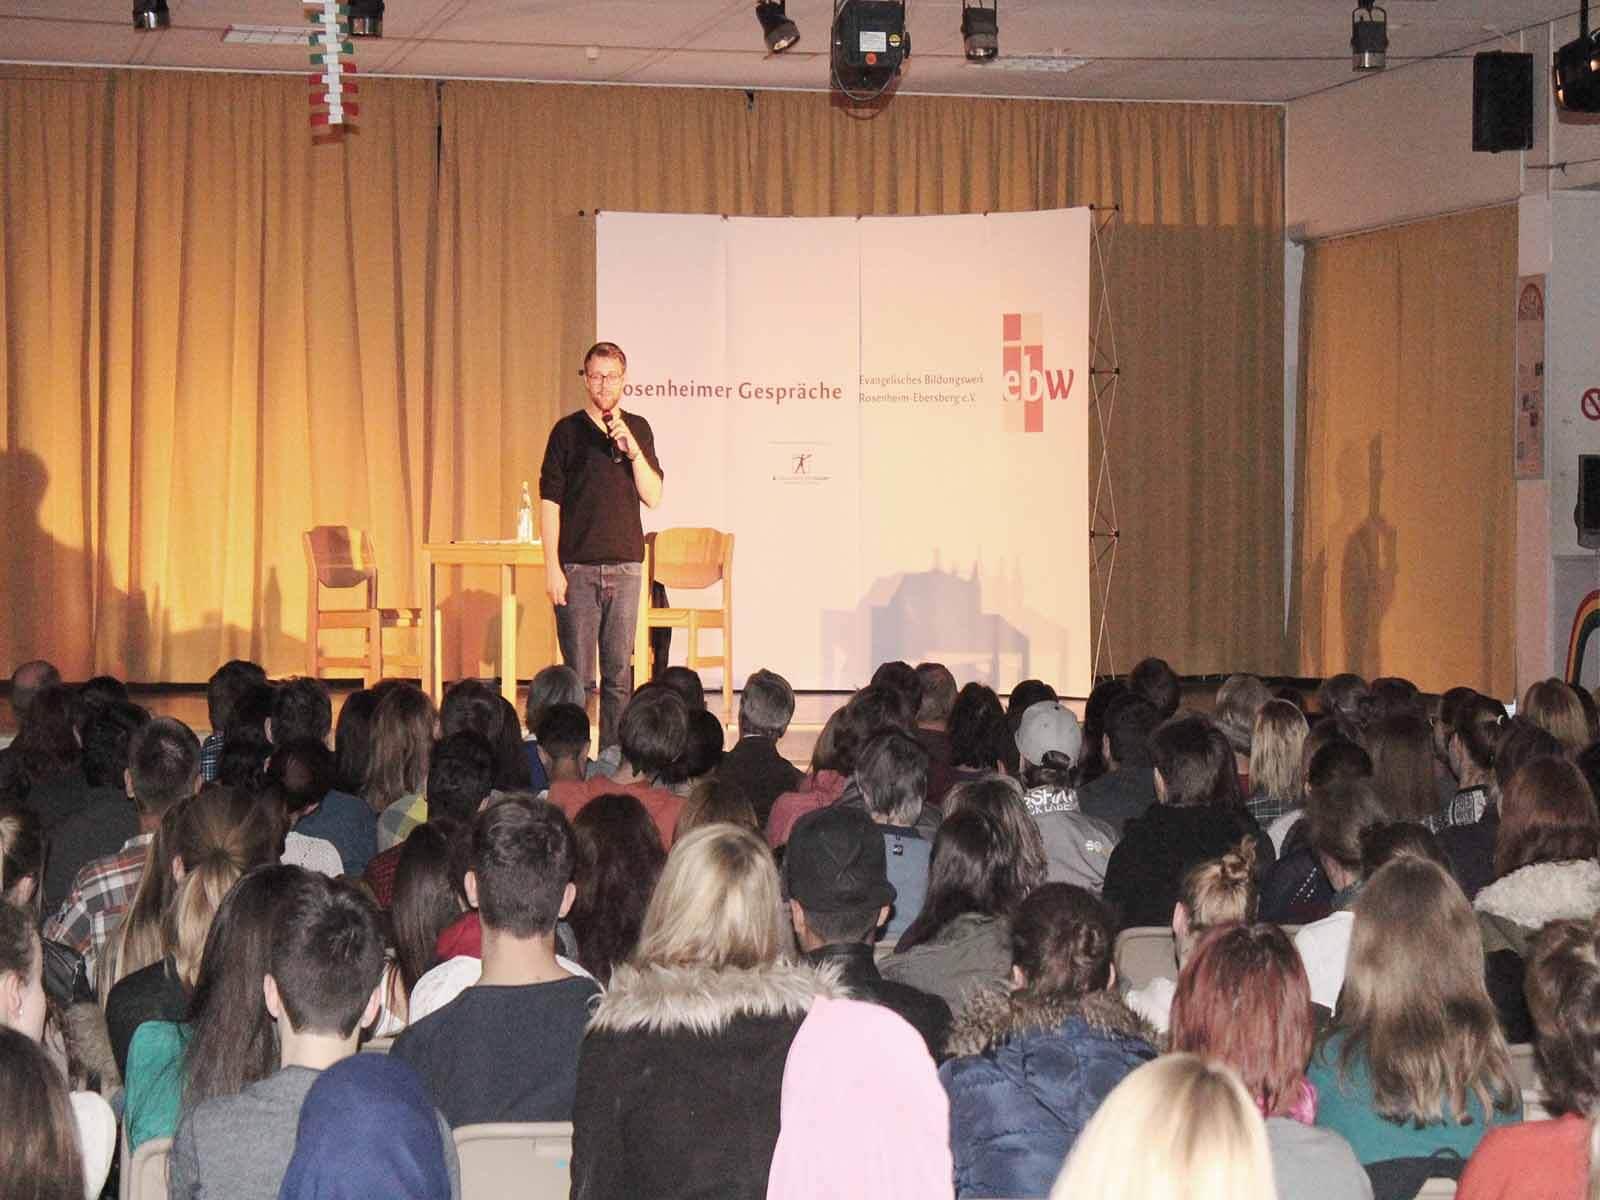 Gebannt lauscht das Publikum dem Sprachkünstler.